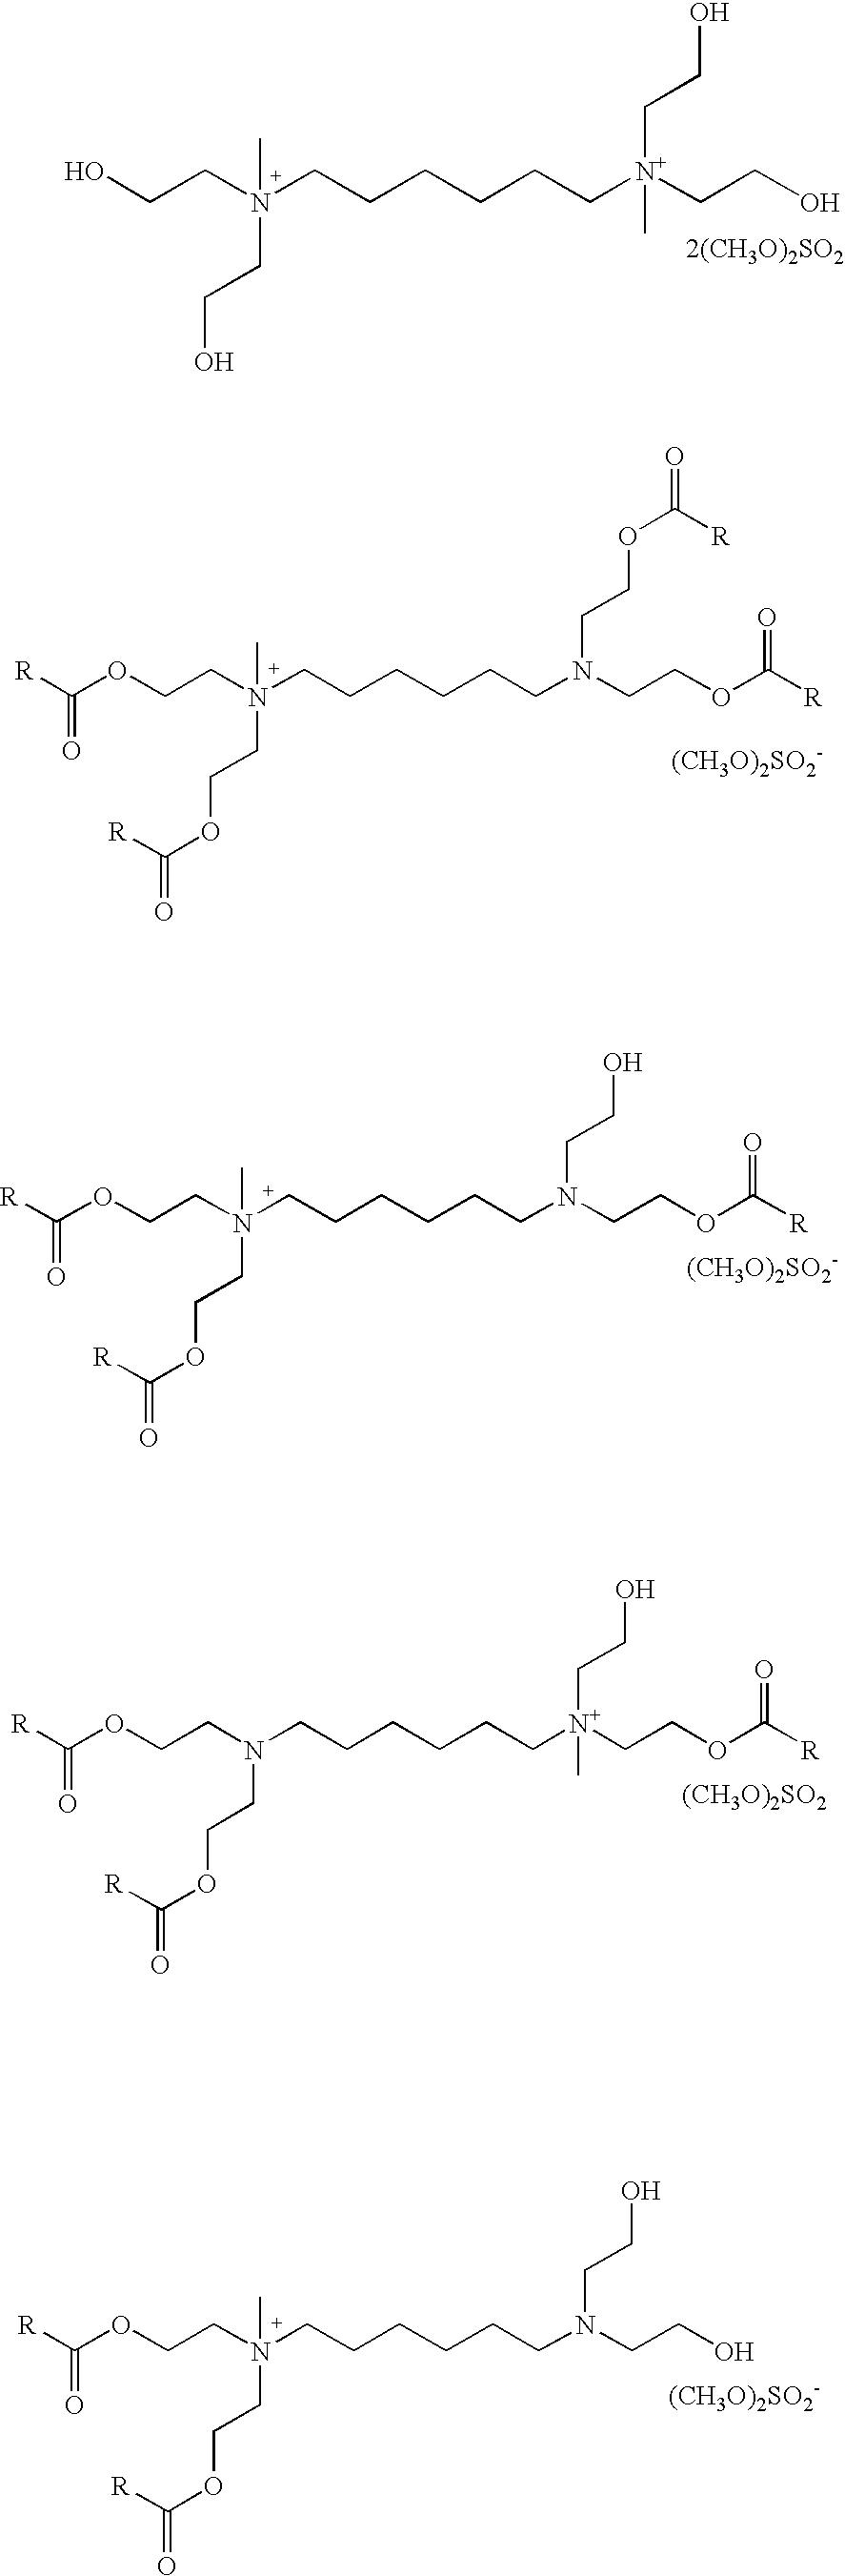 Figure US20060168739A1-20060803-C00002